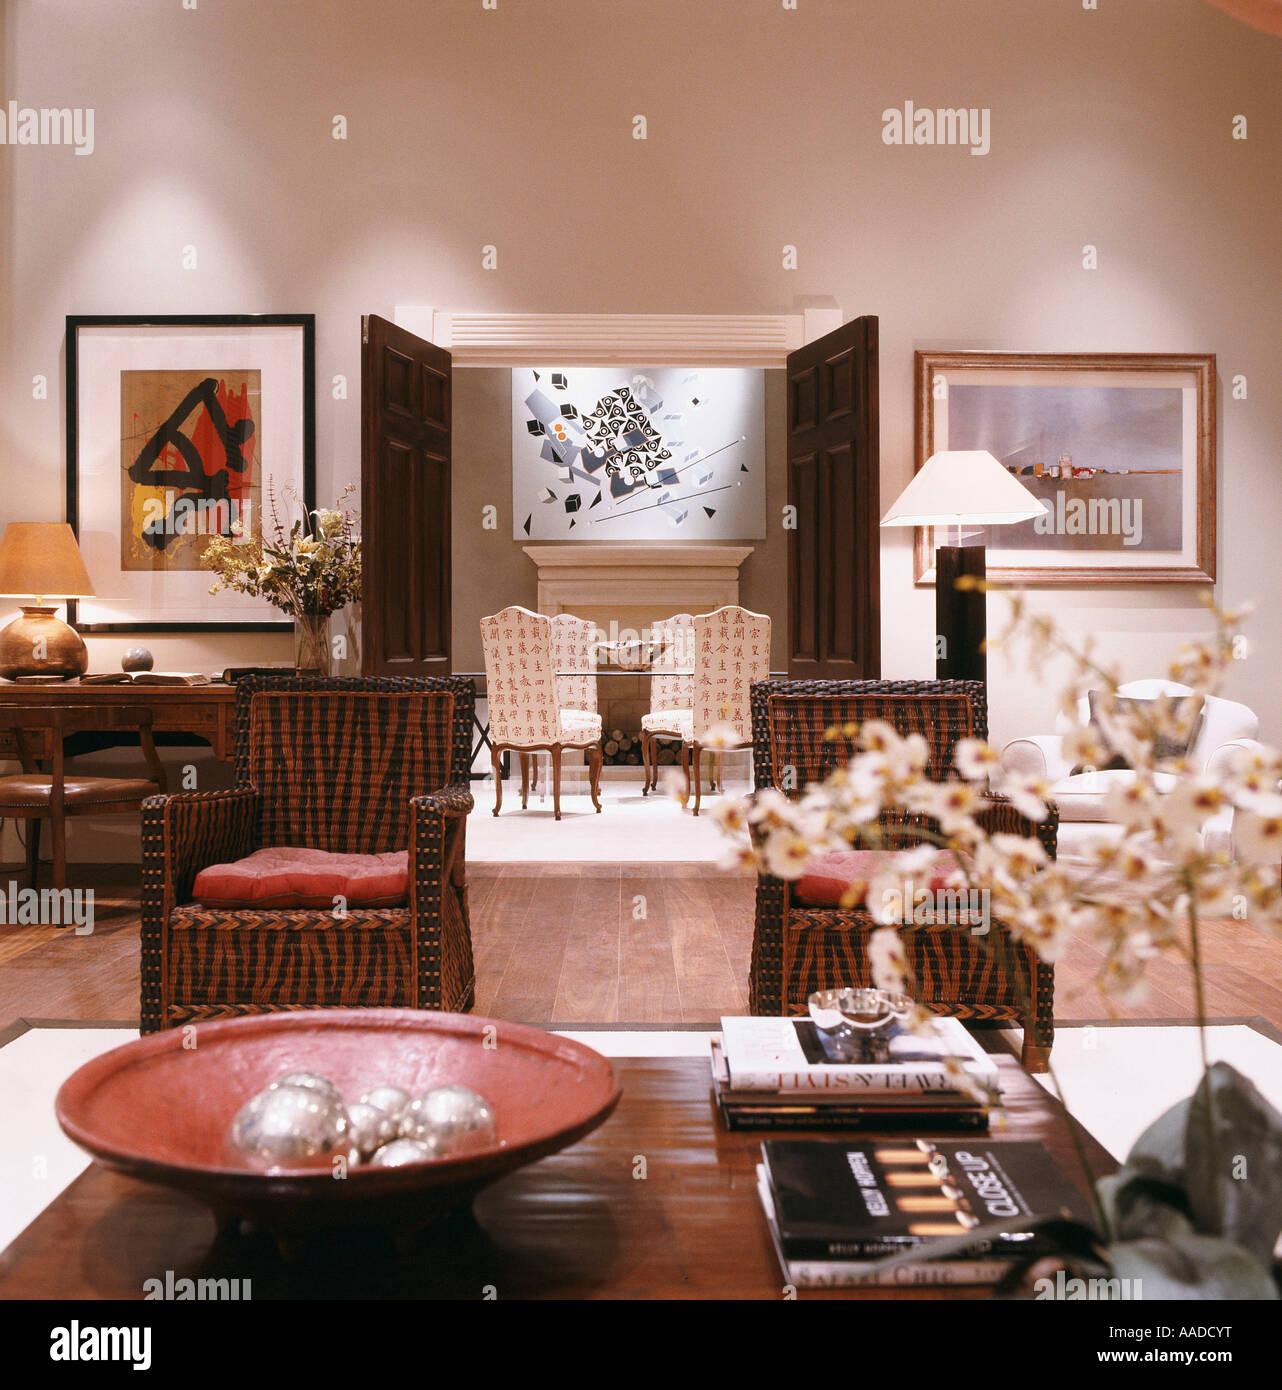 Mesa y sillas coincidentes con ornamentos, vista a través de puertas dobles Imagen De Stock